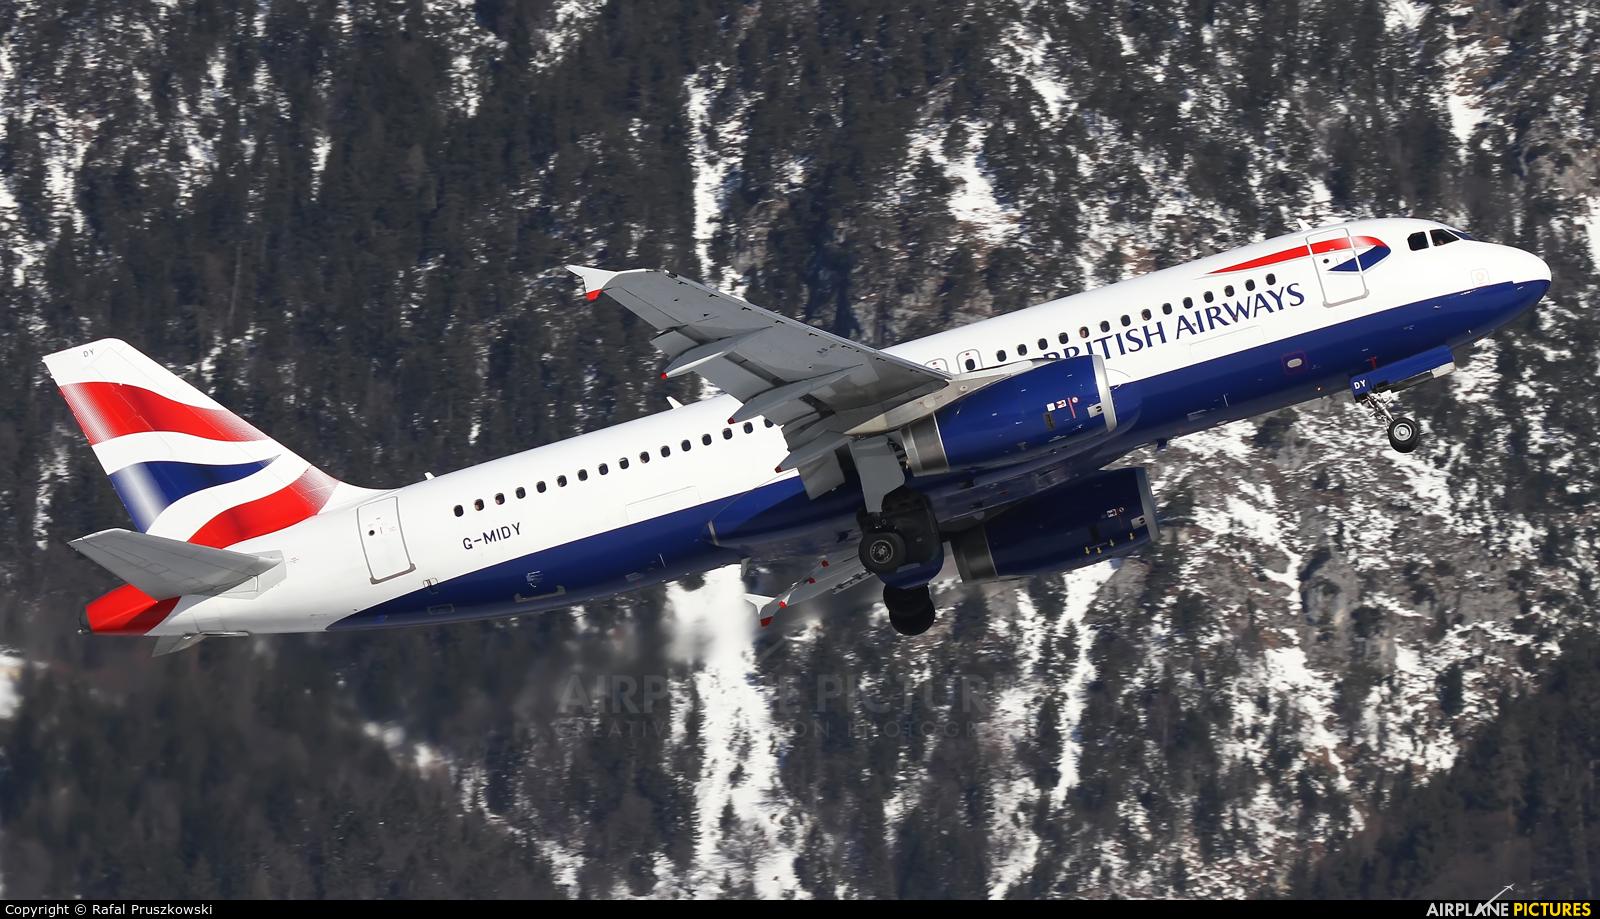 British Airways G-MIDY aircraft at Innsbruck